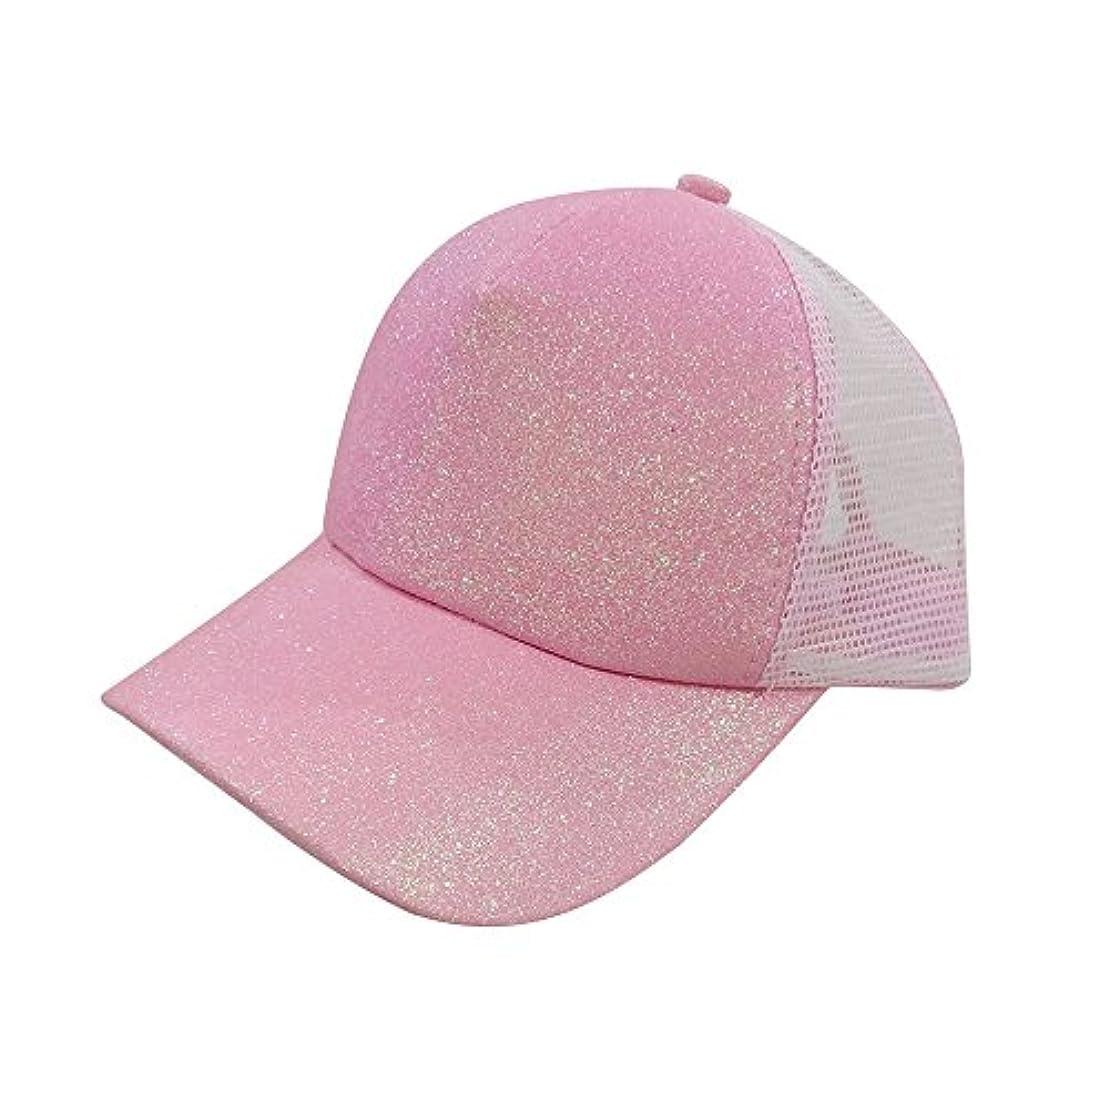 征服者戦い数字Racazing Cap スパンコール 無地 メッシュ 野球帽 通気性のある ヒップホップ 帽子 夏 登山 可調整可能 棒球帽 男女兼用 UV 帽子 軽量 屋外 Unisex Cap (ピンク)